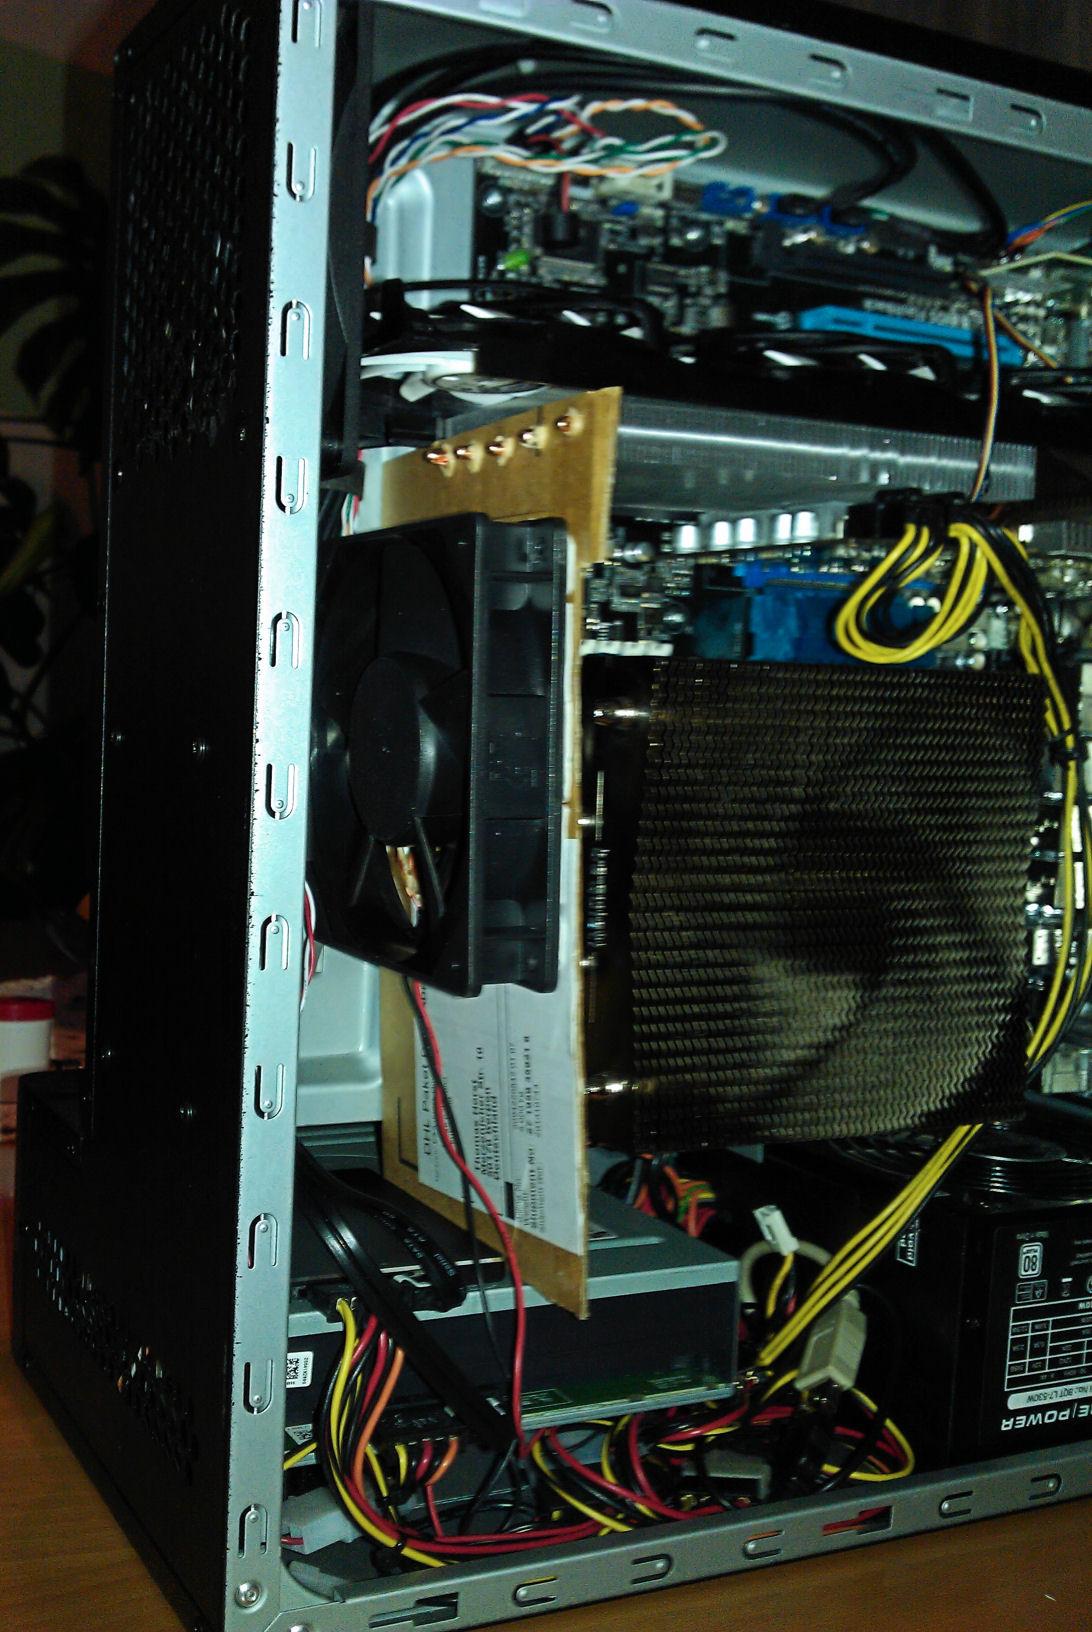 http://www.genesis-web.de/Pics/BL01airflow_new_back.jpg